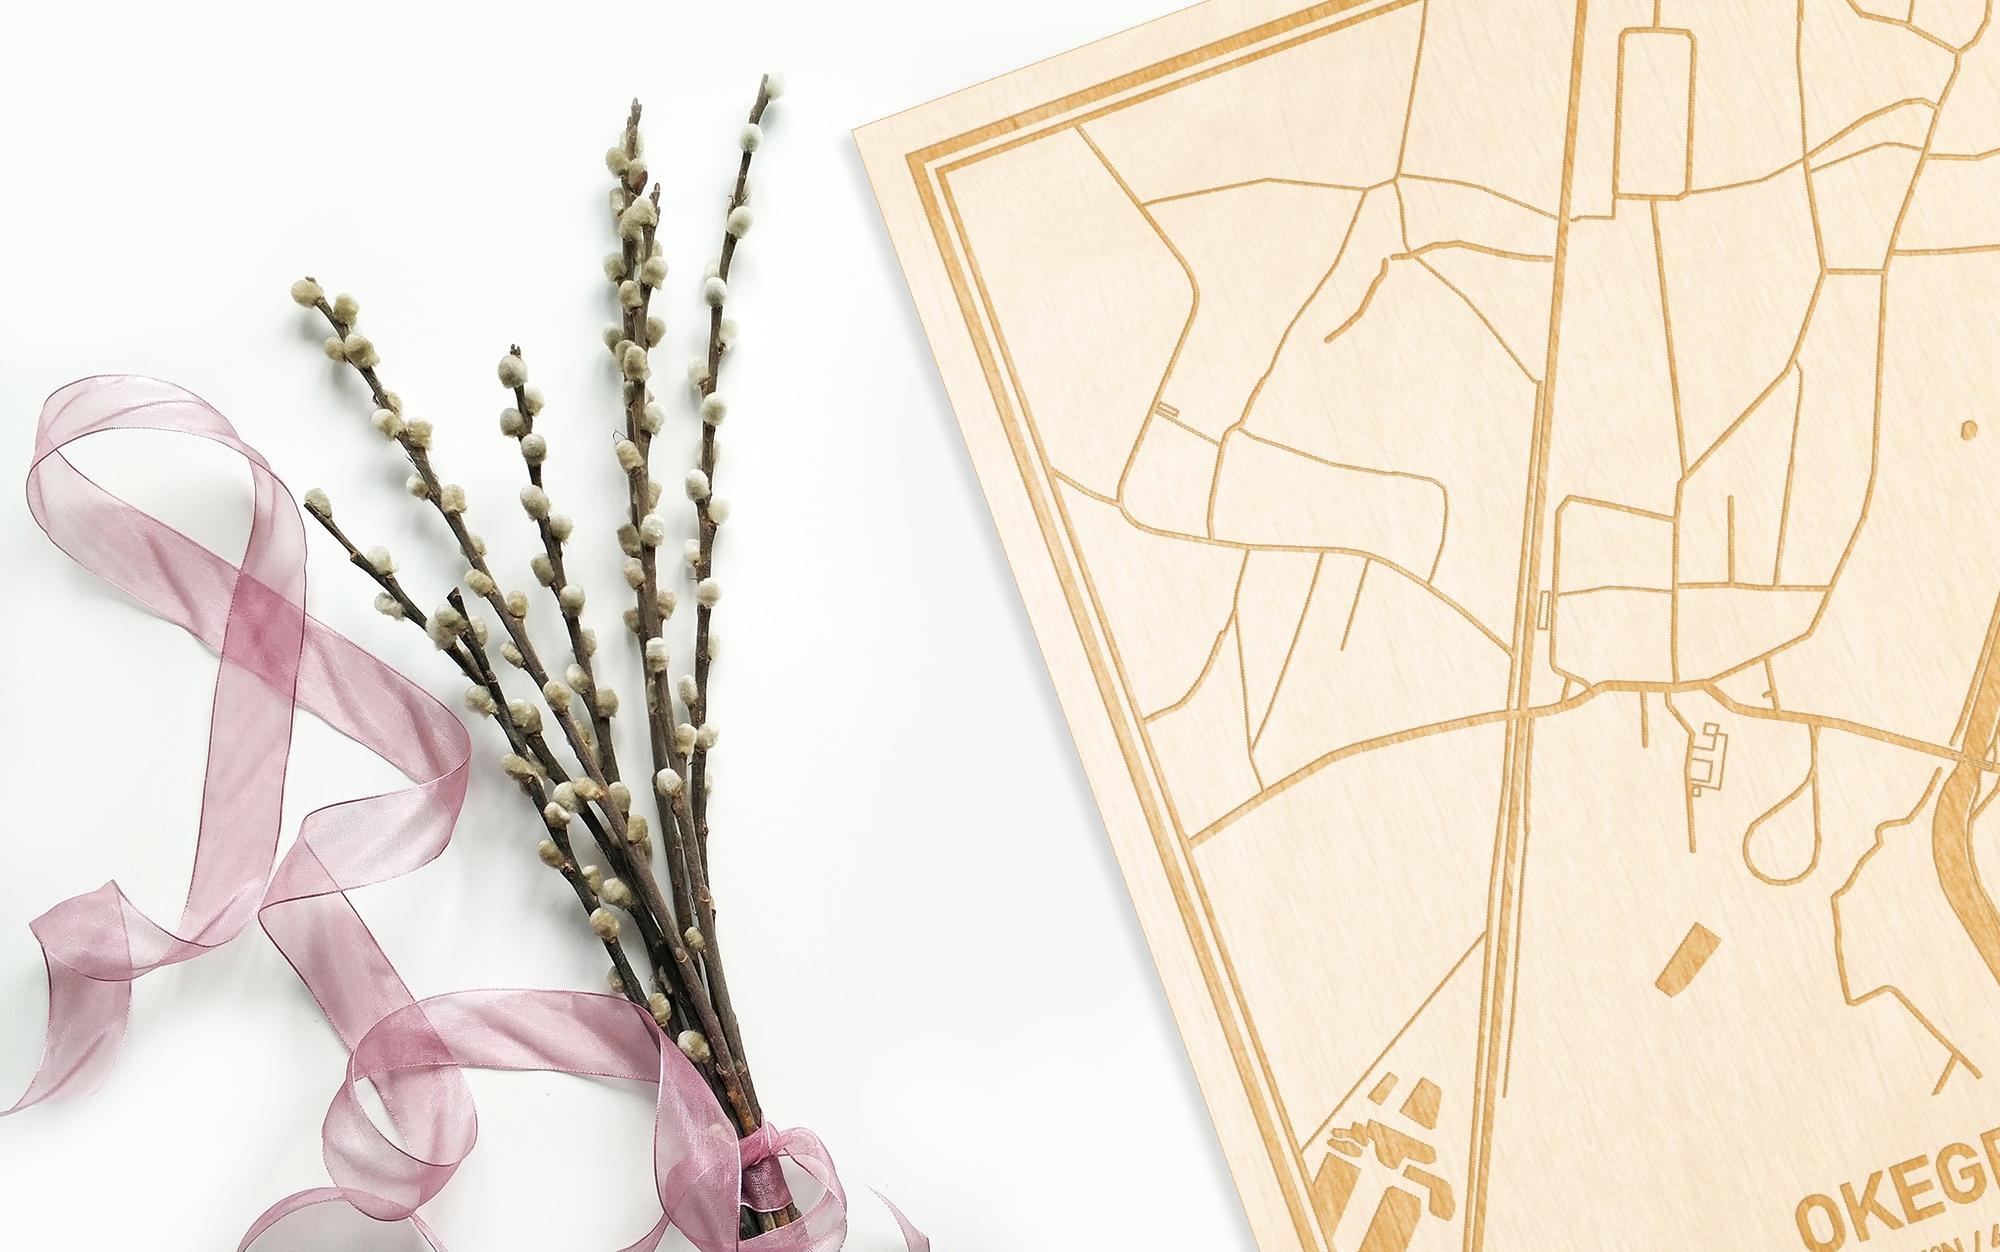 Hier ligt de houten plattegrond Okegem naast een bloemetje als gepersonaliseerd cadeau voor haar.